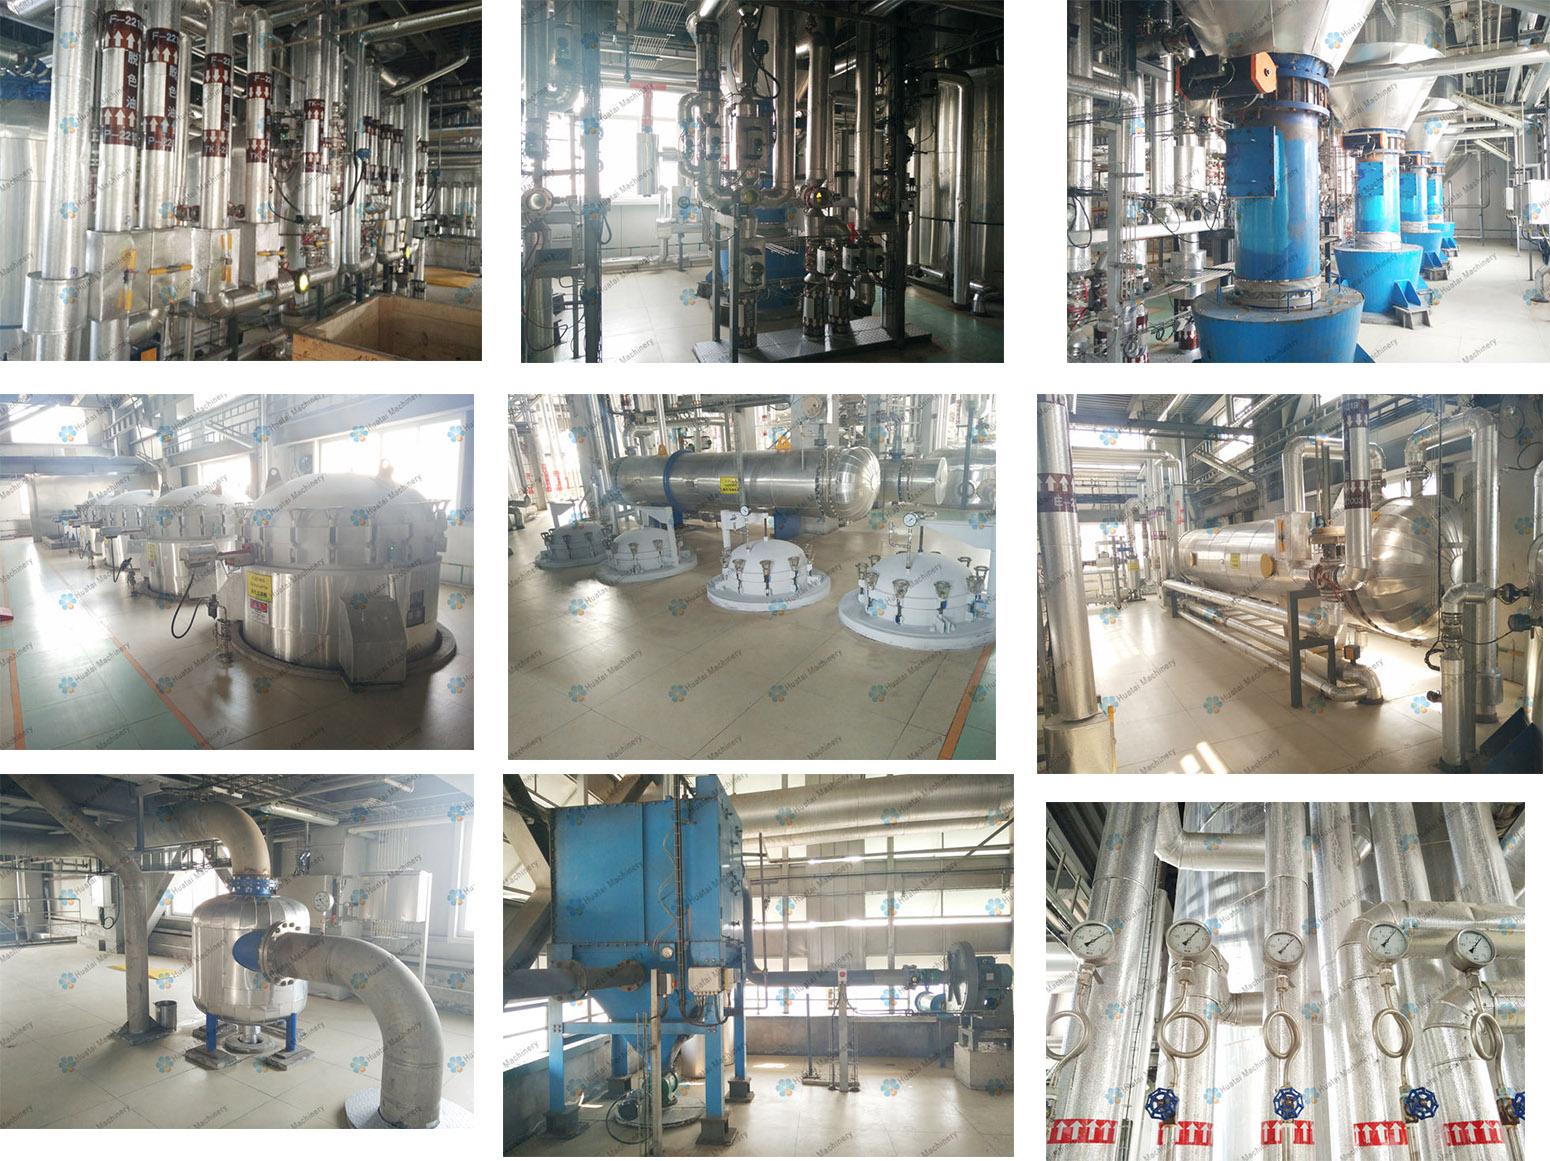 Raffinerie à moyenne échelle et grande echelle